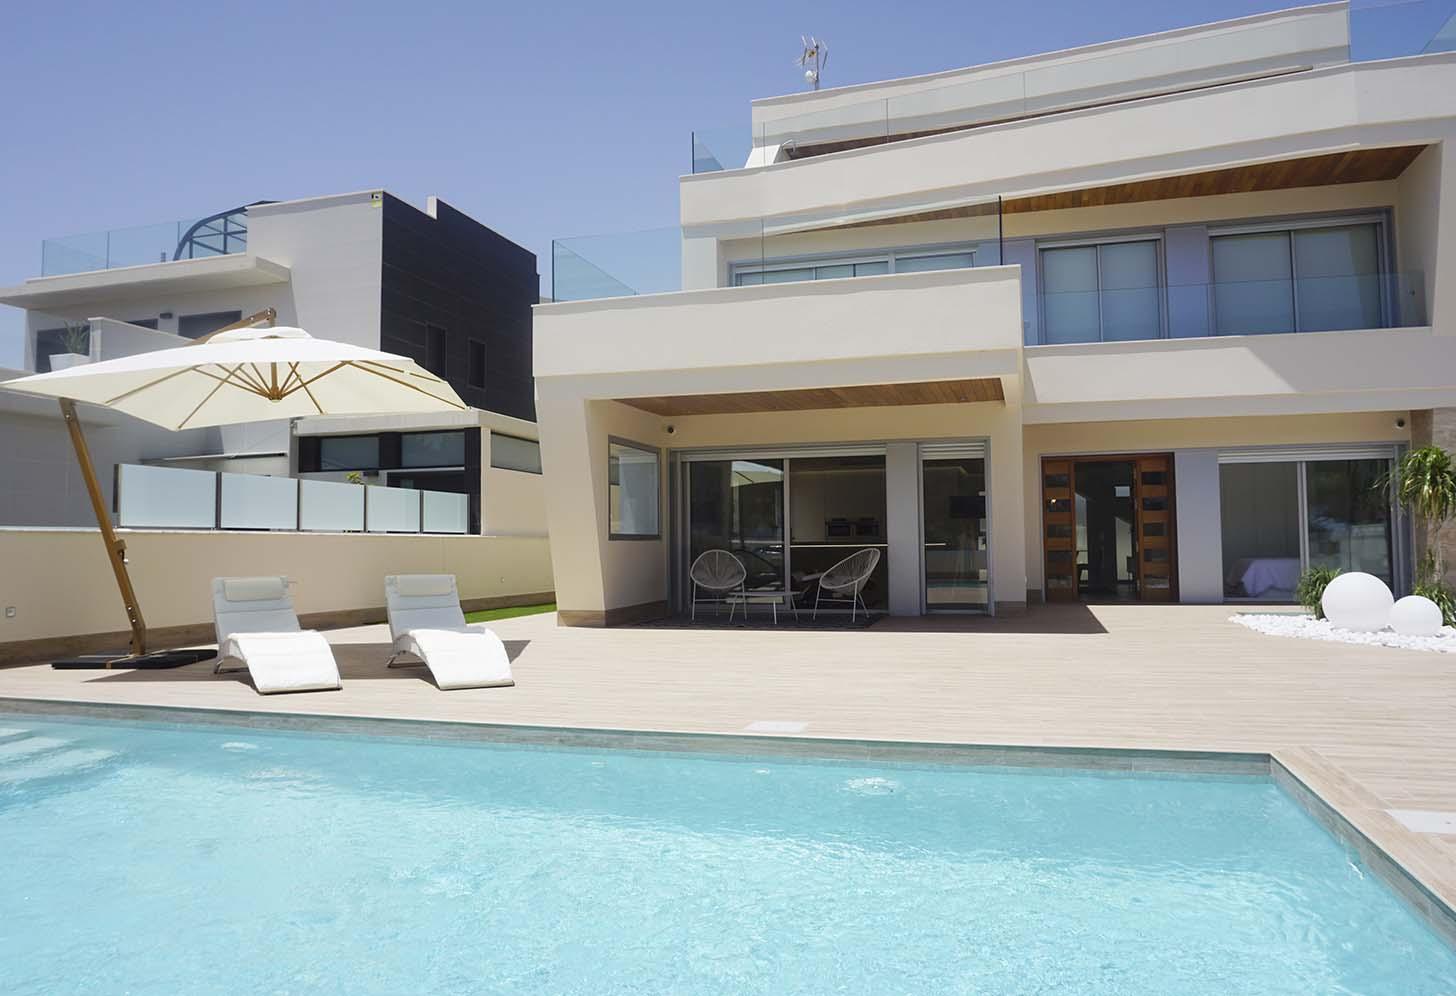 immobilier neuf espagne costa blanca on-g1 vista azul xxx exterieur